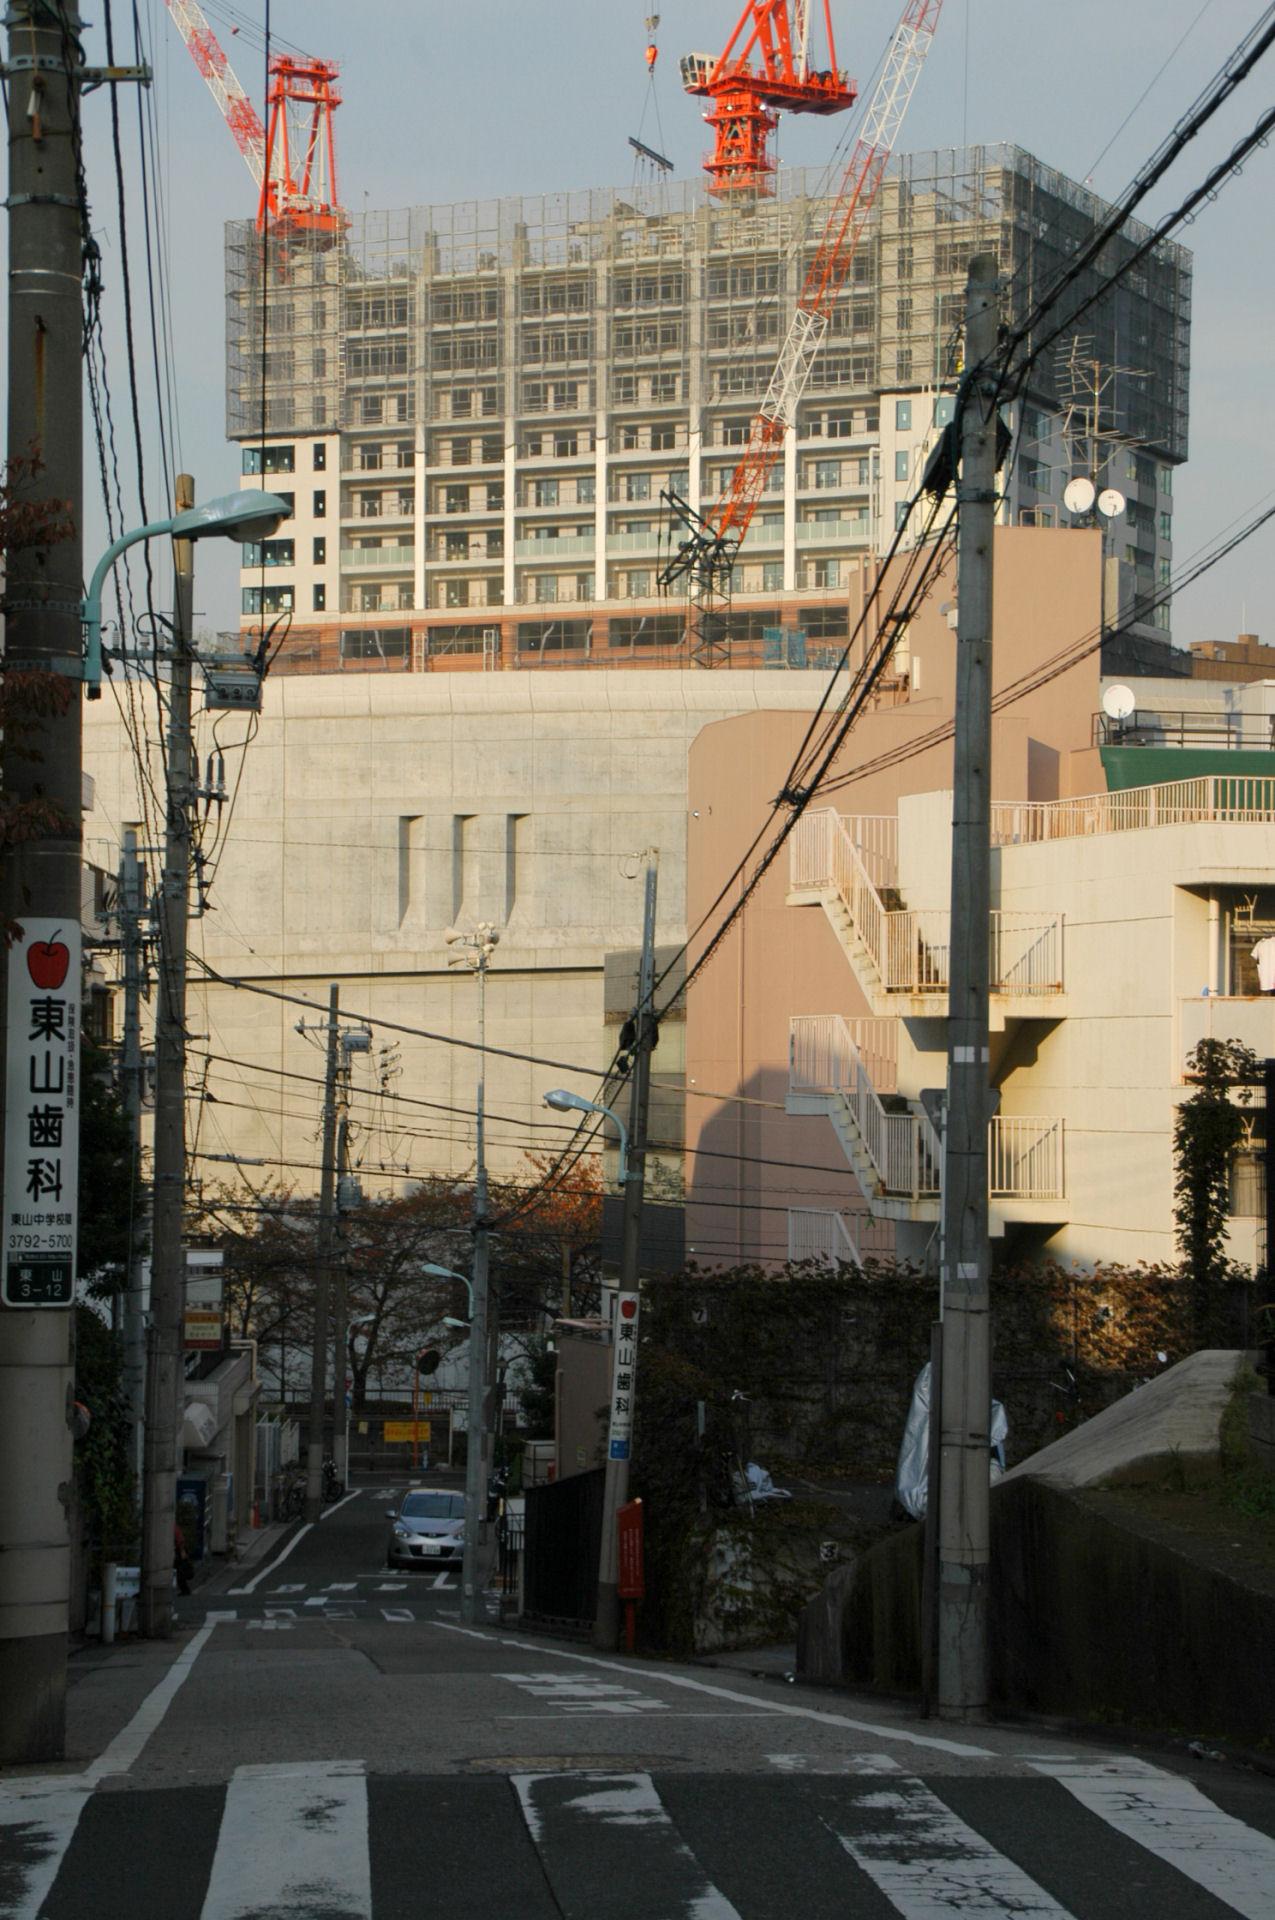 crossairtower0214.jpg